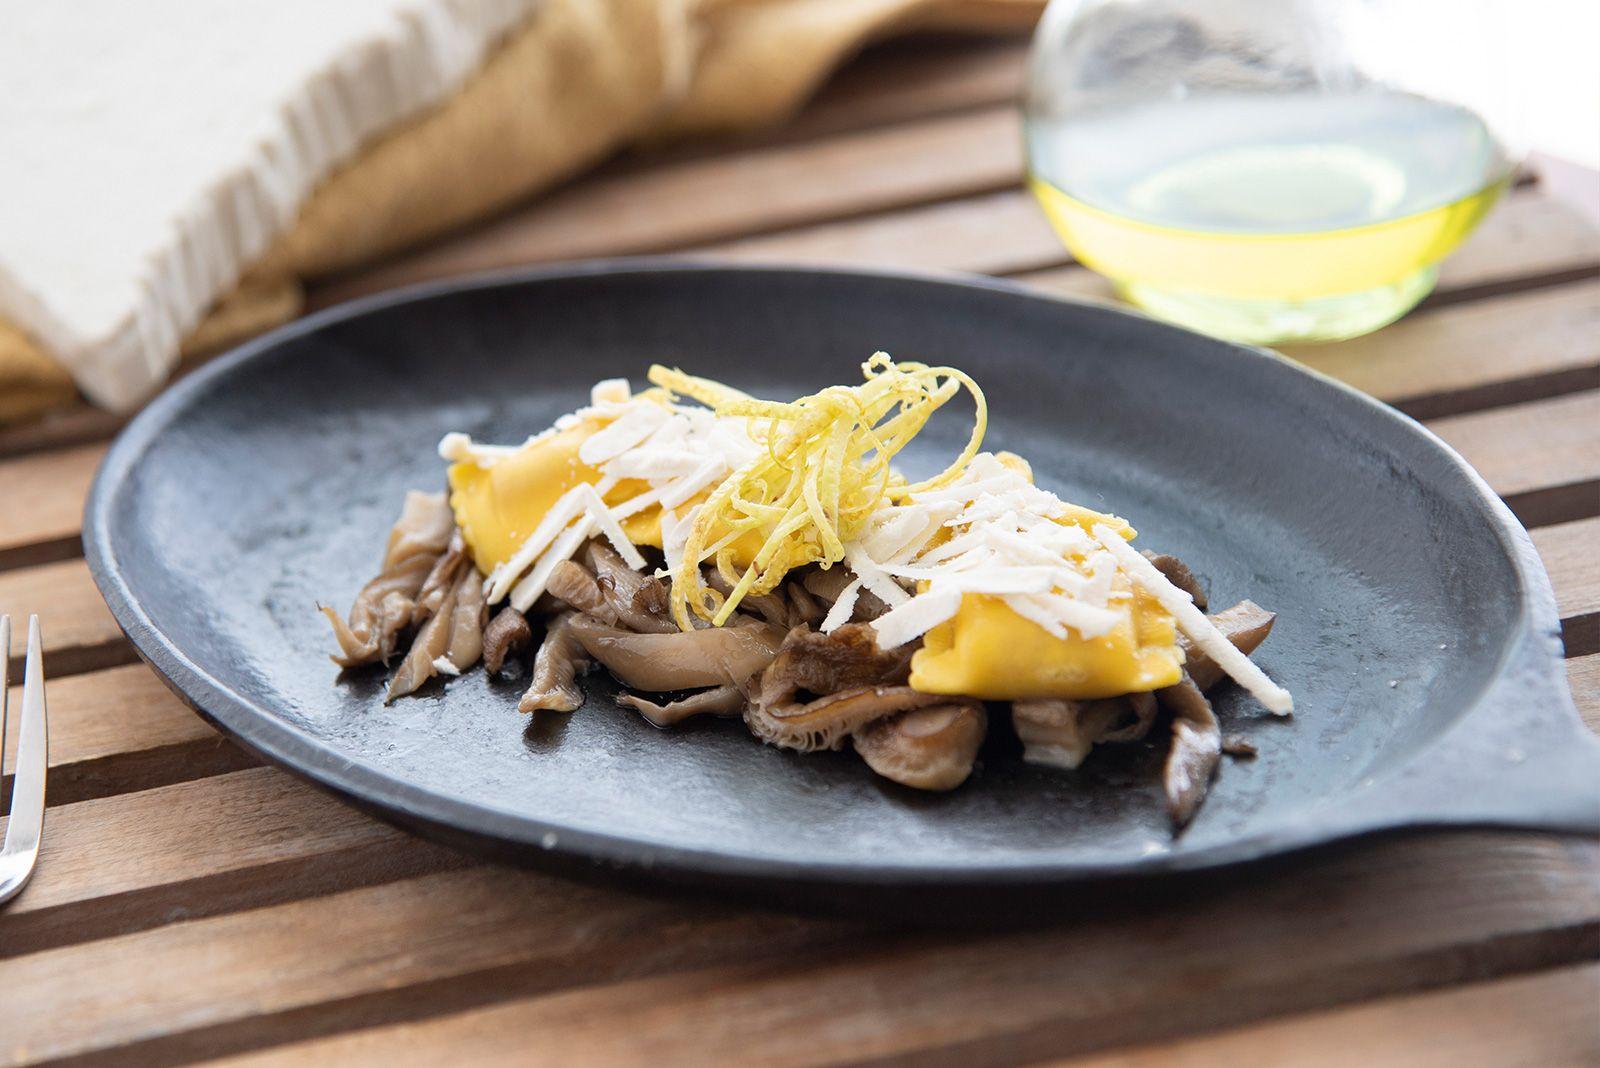 Ricetta Bustini allo speck e provola con funghi plerotus spadellati, limone grattugiato e scagliette di ricotta salata